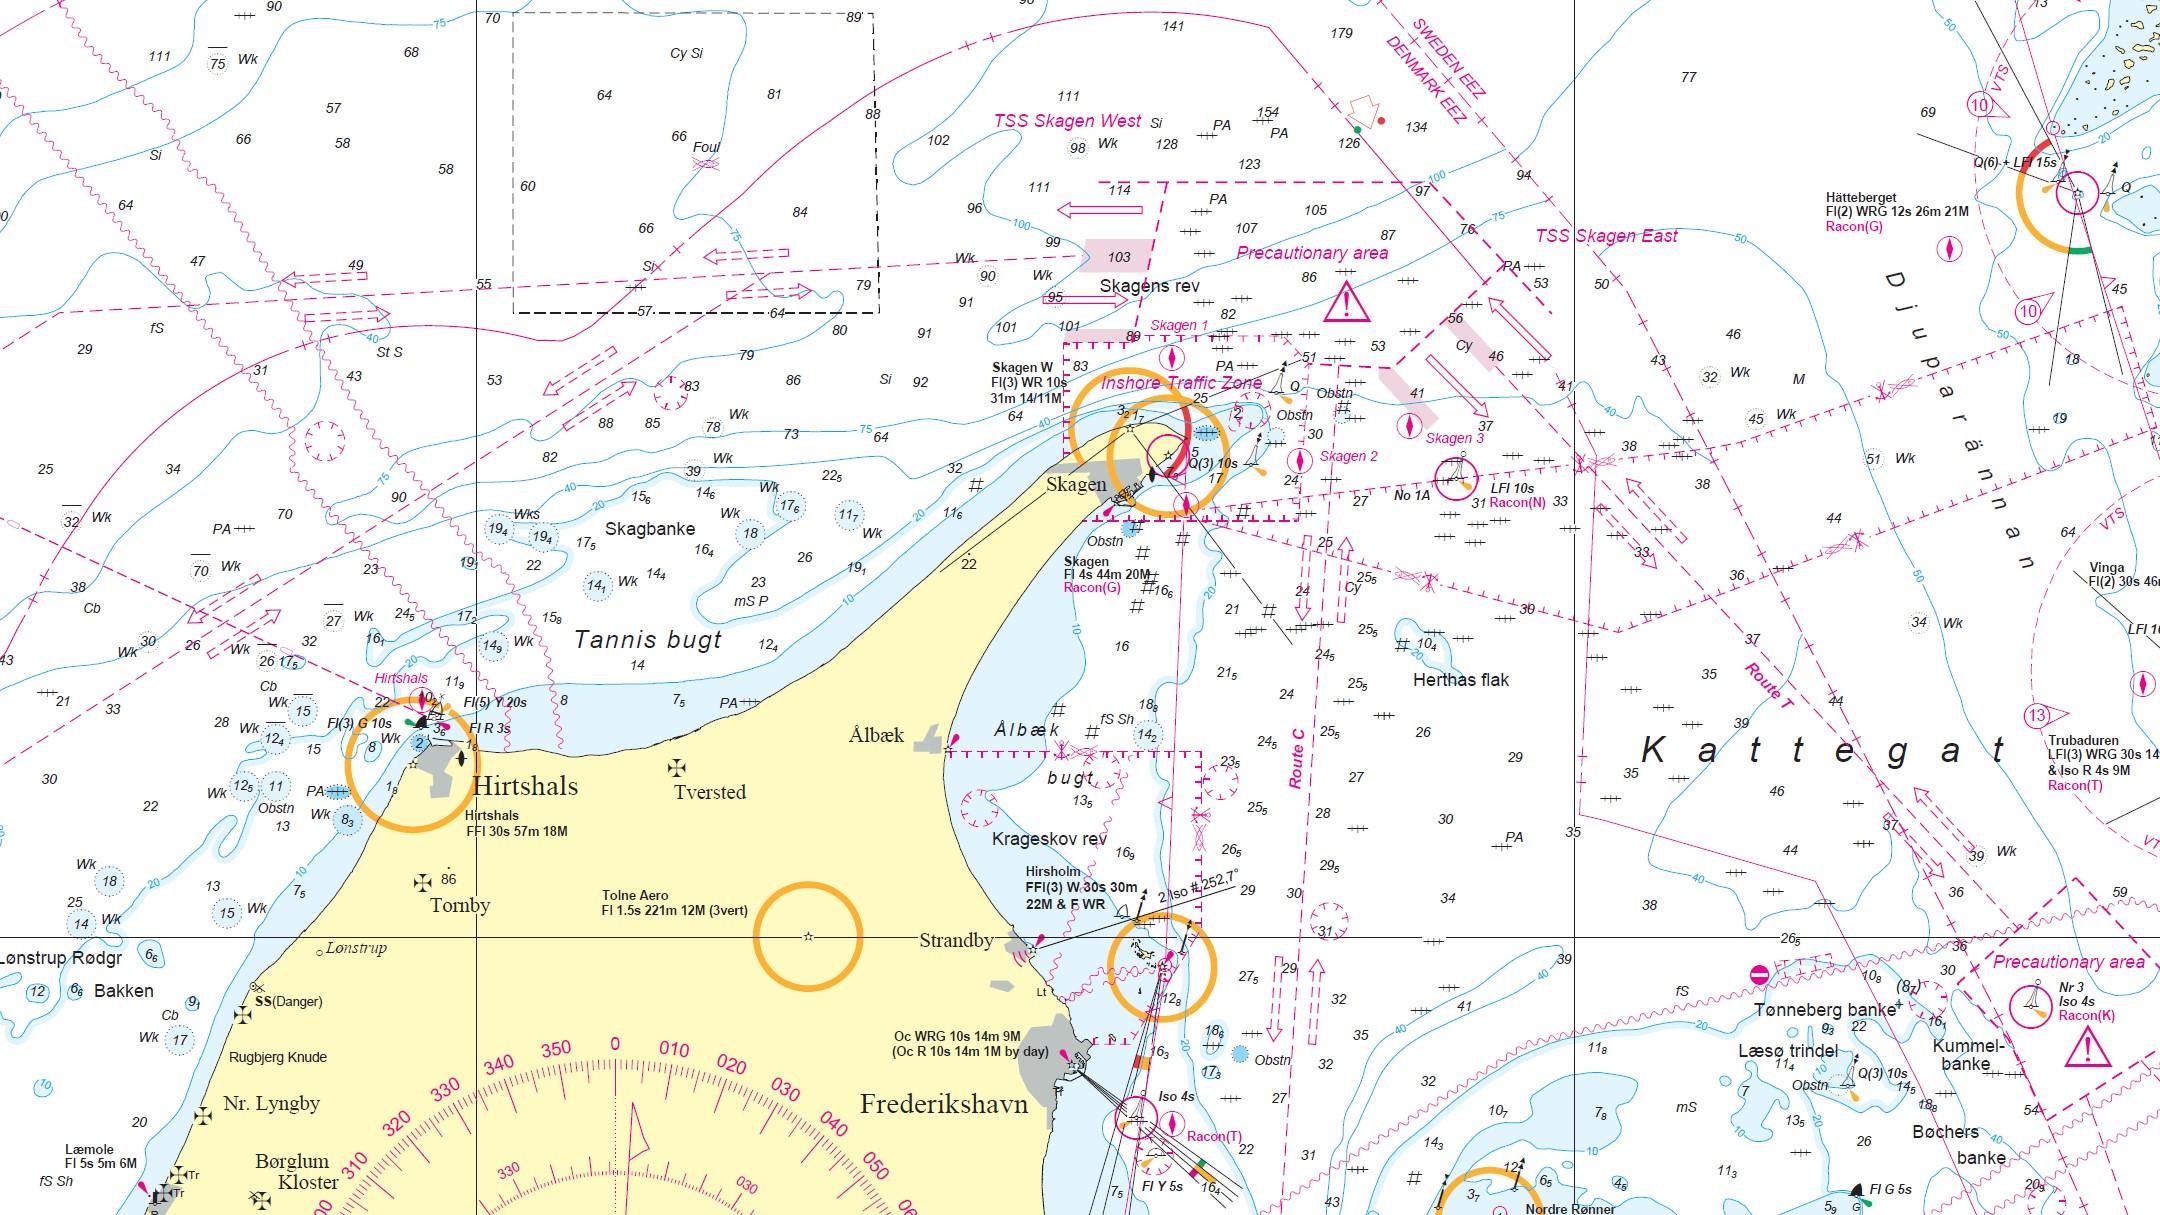 neue TSS bei Skagen in der N305